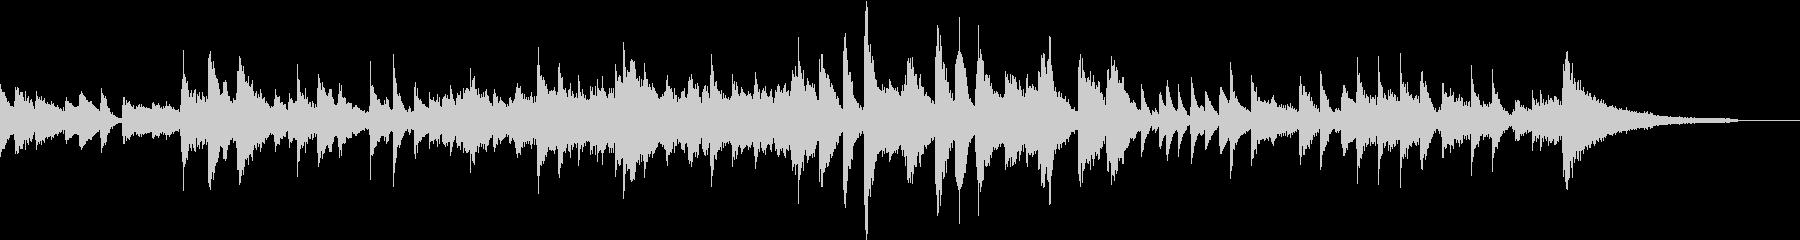 G線上のアリアピアノジャズ風CM向きの未再生の波形